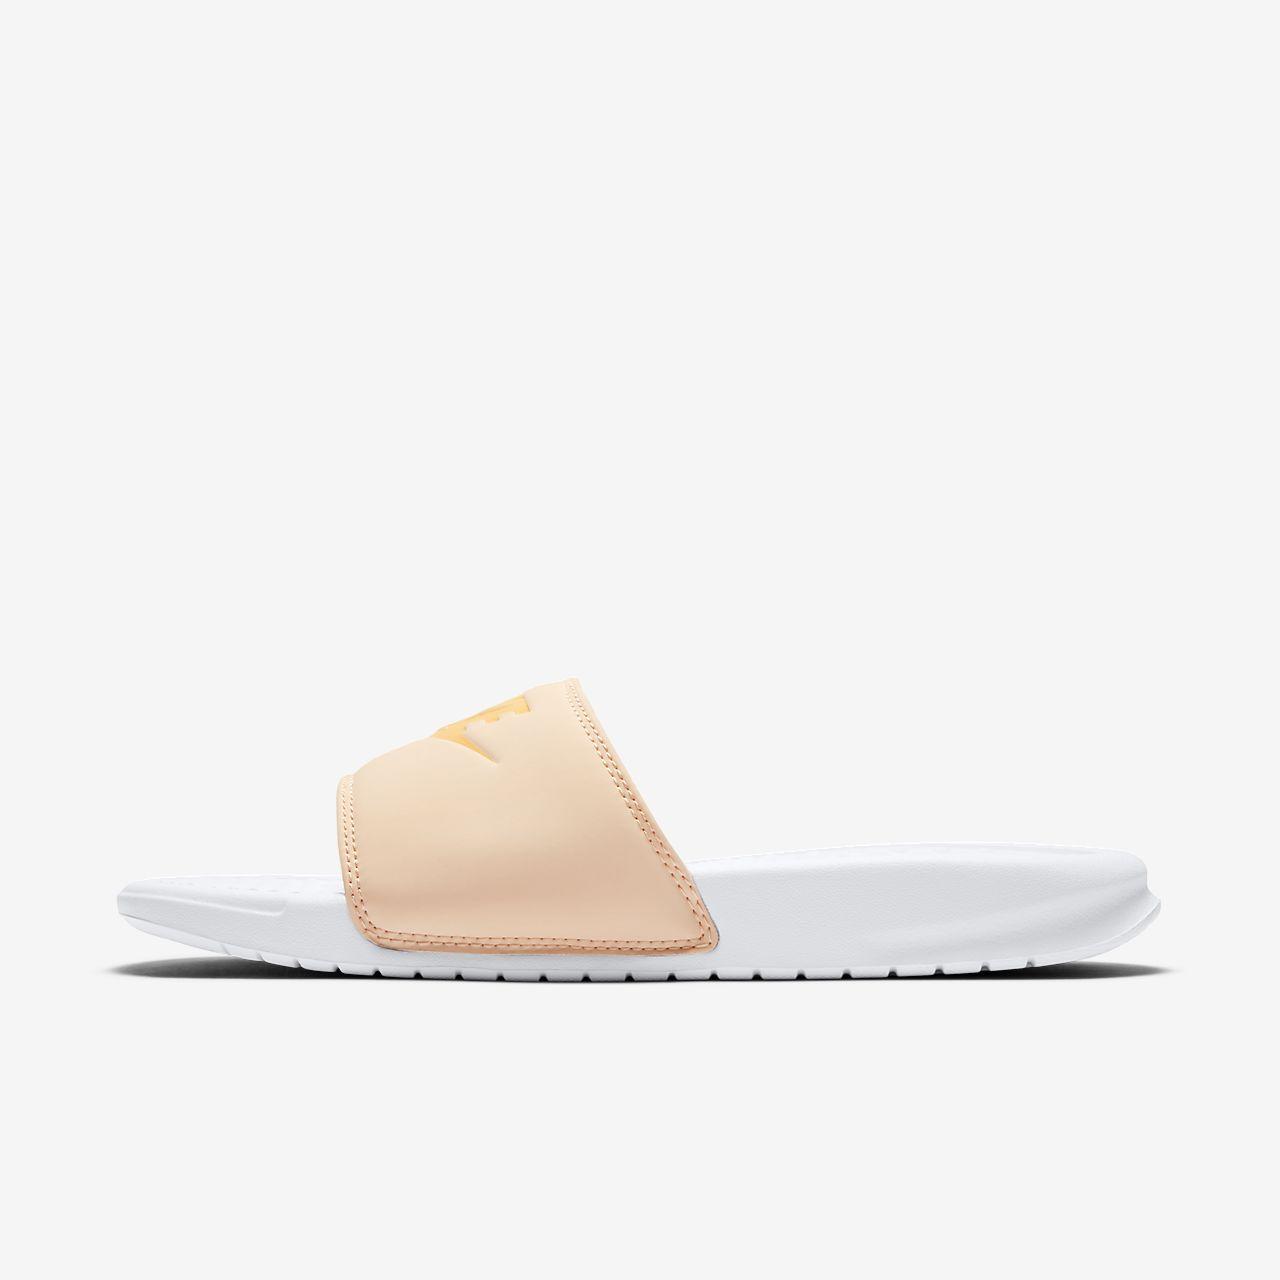 buy popular 9bd36 c1f15 ... Nike Benassi Pastel QS női papucs